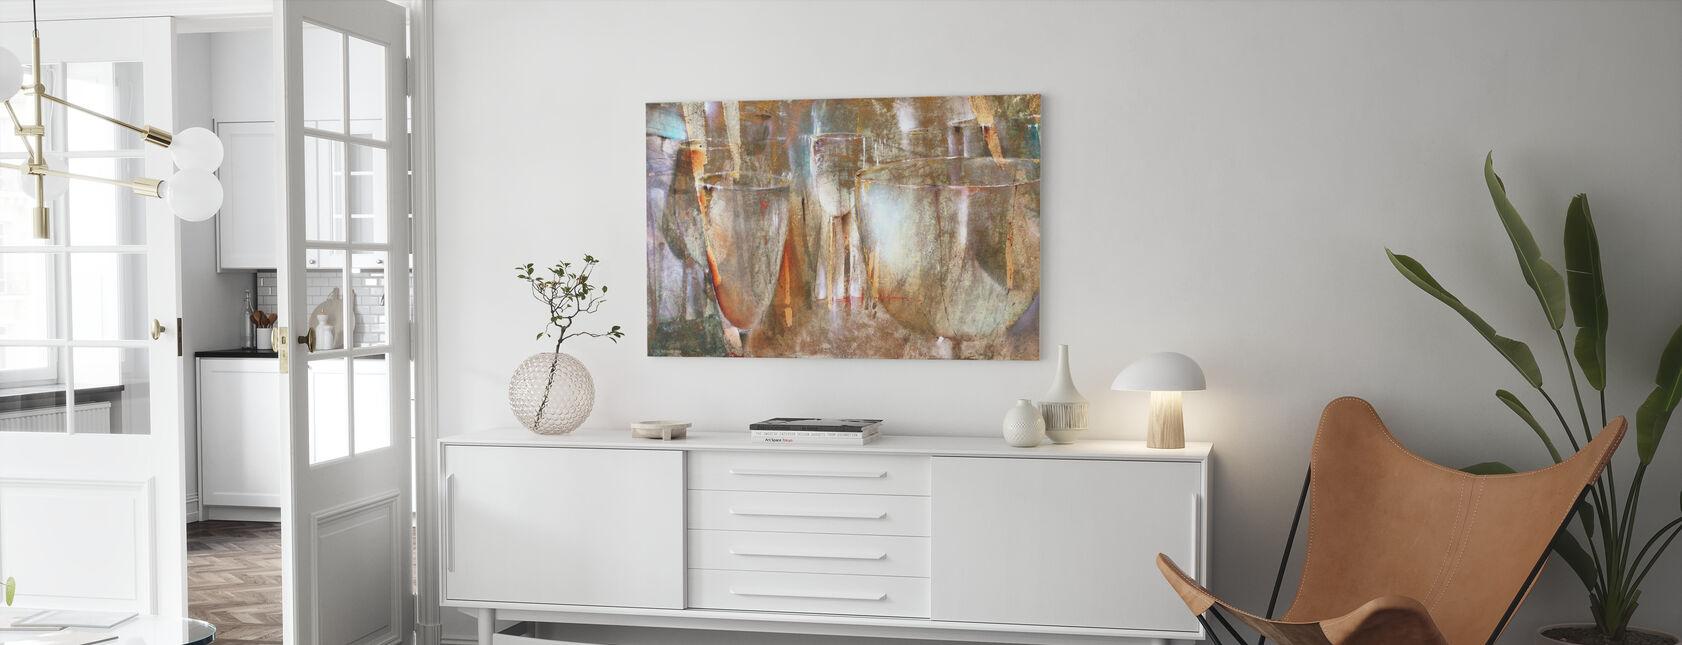 Licht Show - Canvas print - Woonkamer